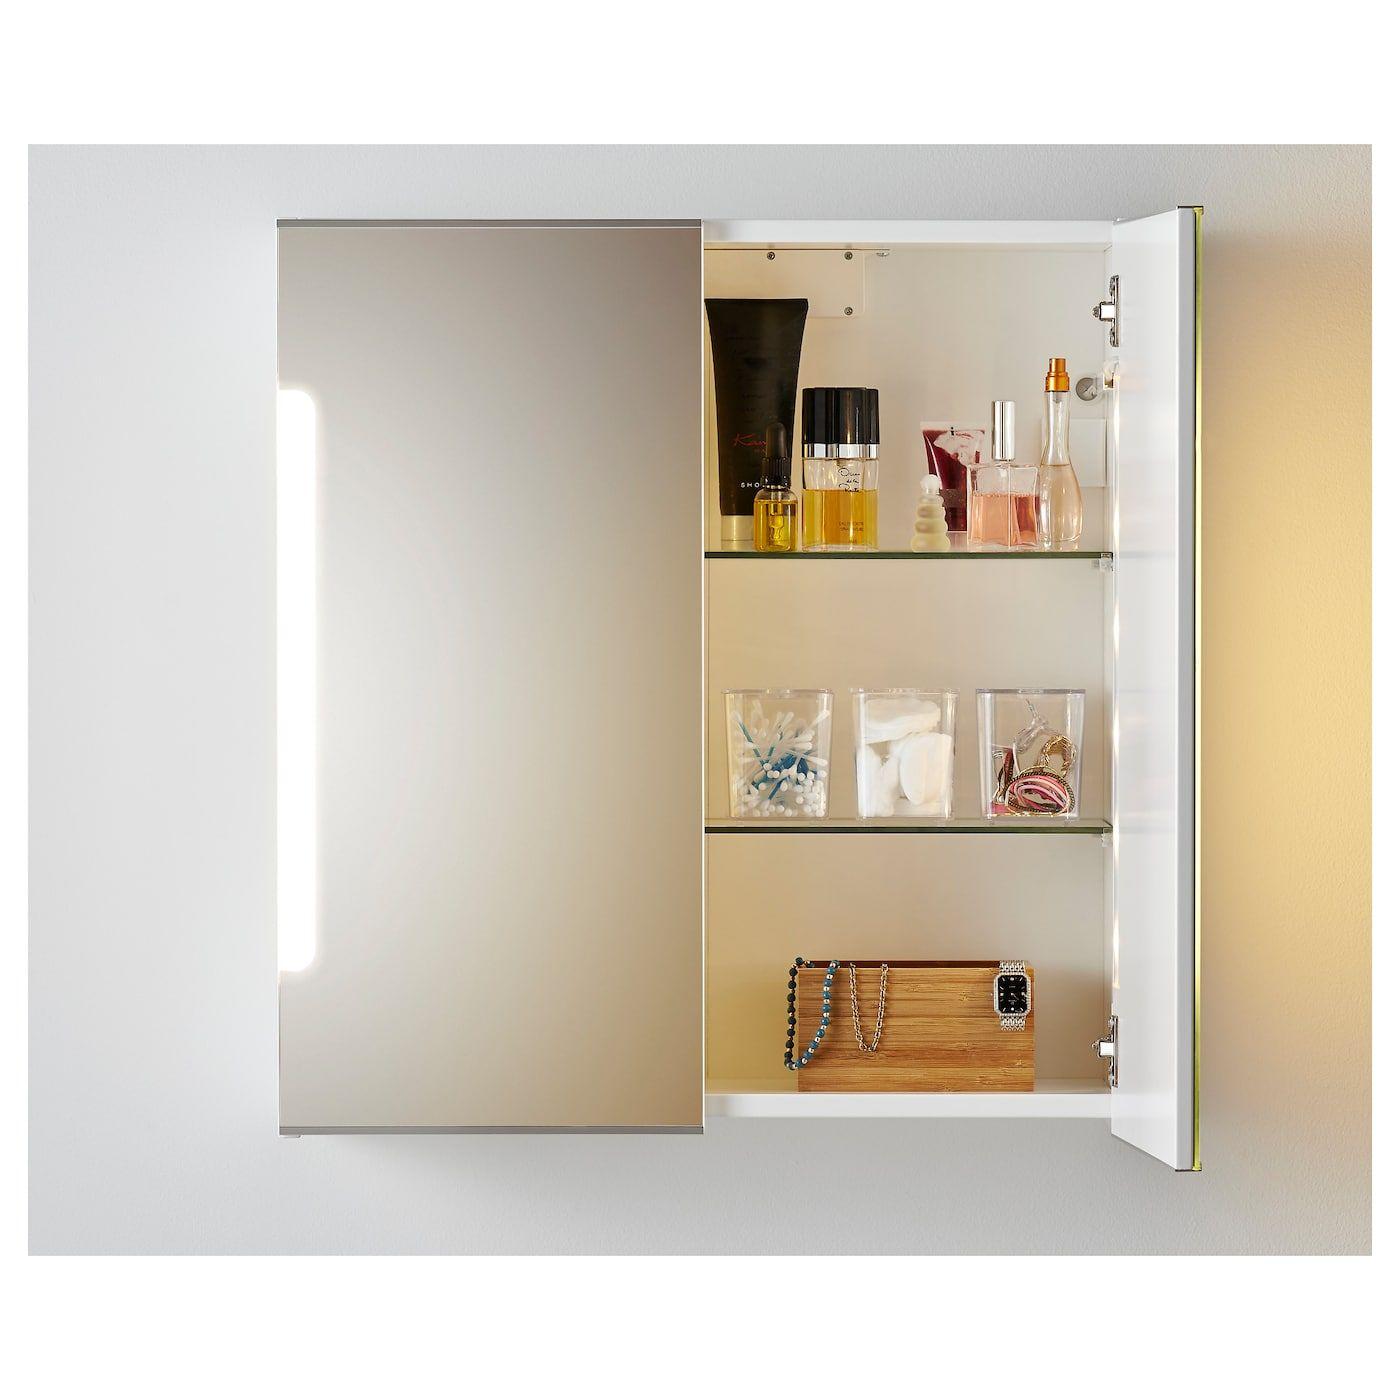 STORJORM Spiegelschrank m. 2 Türen+int. Bel. weiß